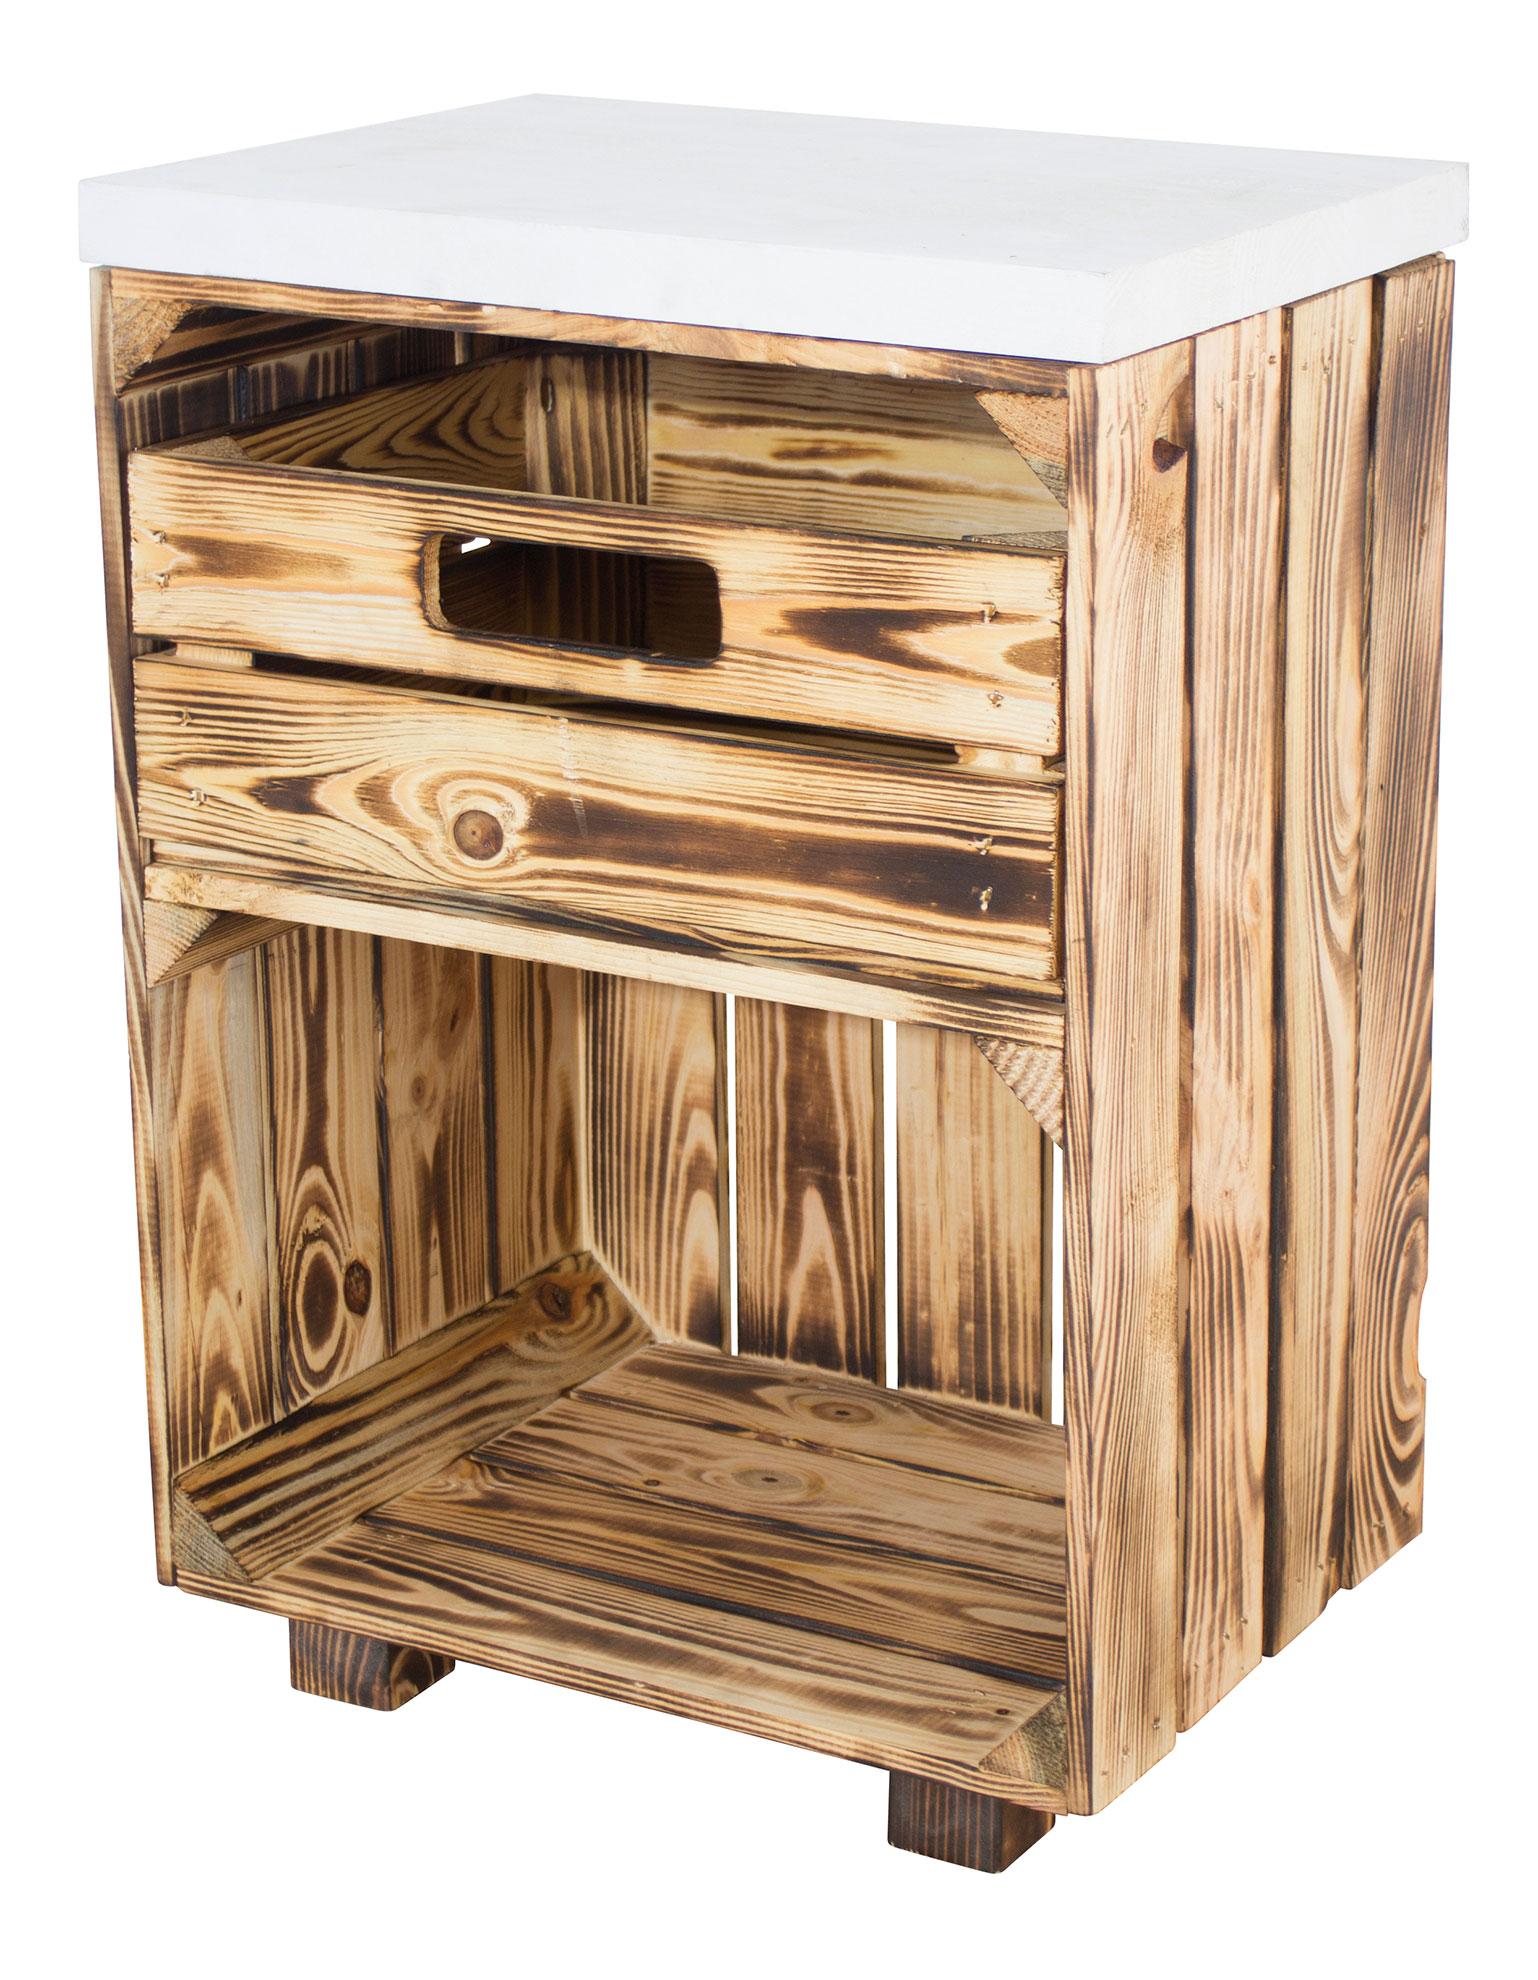 Geflammter Nachttisch mit Schublade und einem weißen Bohlenbrett auf Holzfüßen, 40x57x30,5